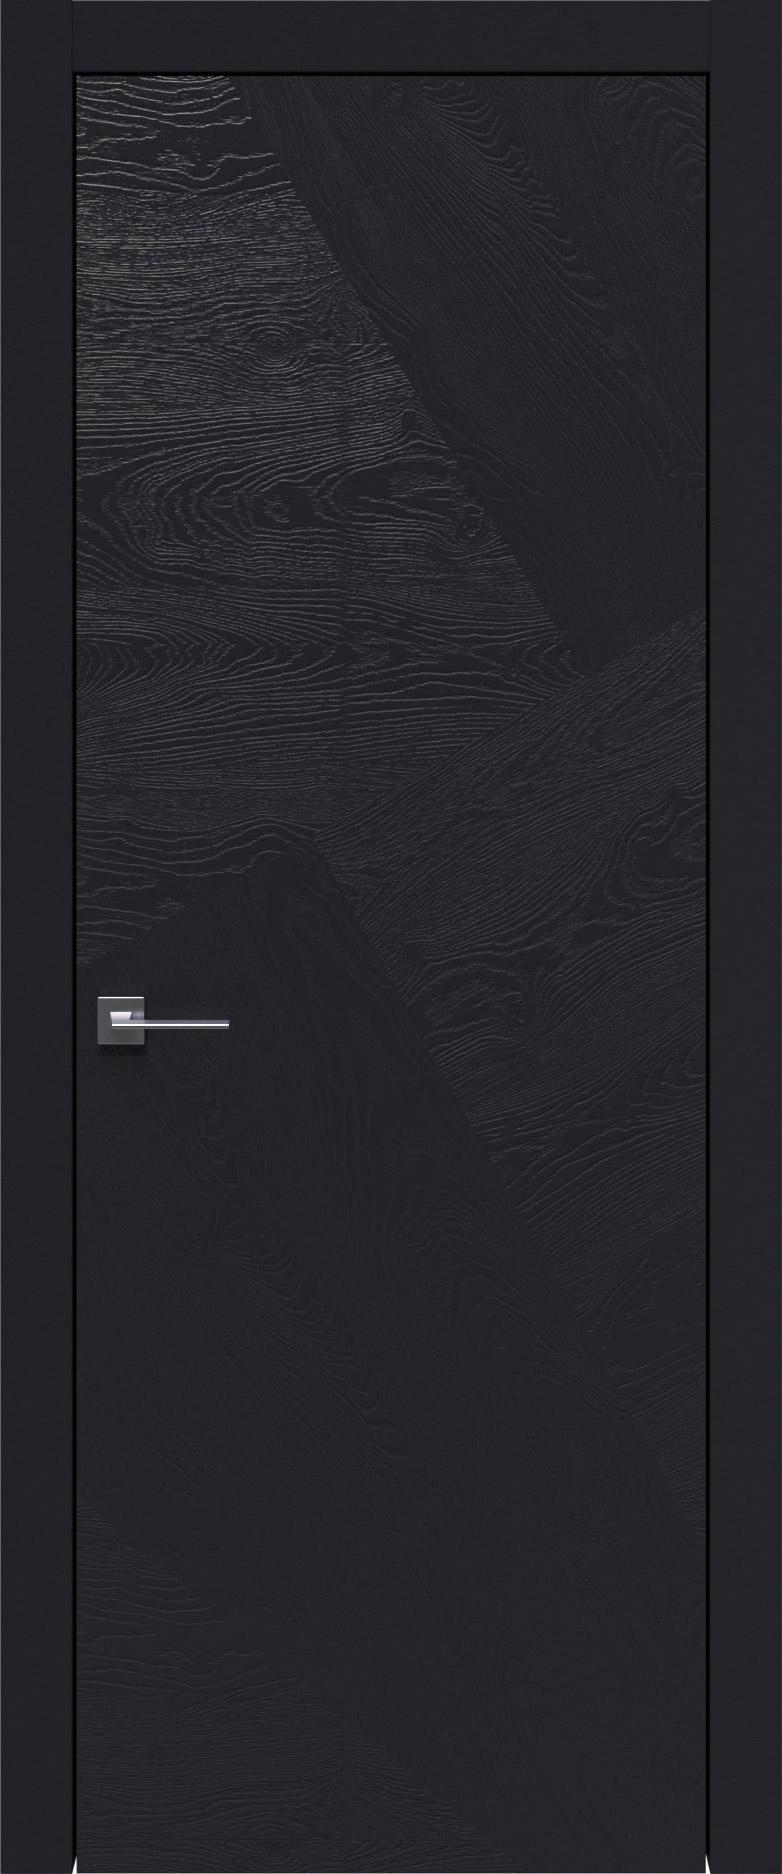 Tivoli М-1 цвет - Черная эмаль по шпону (RAL 9004) Без стекла (ДГ)